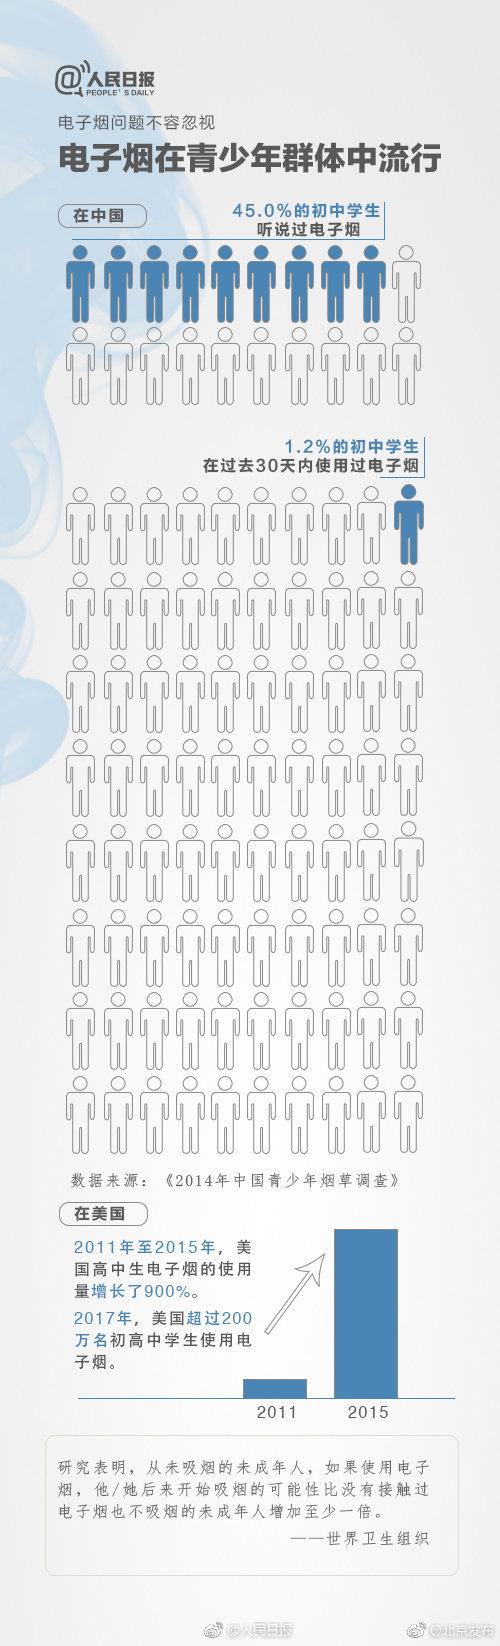 电子烟的危害有多大?长时间吸食同样有害